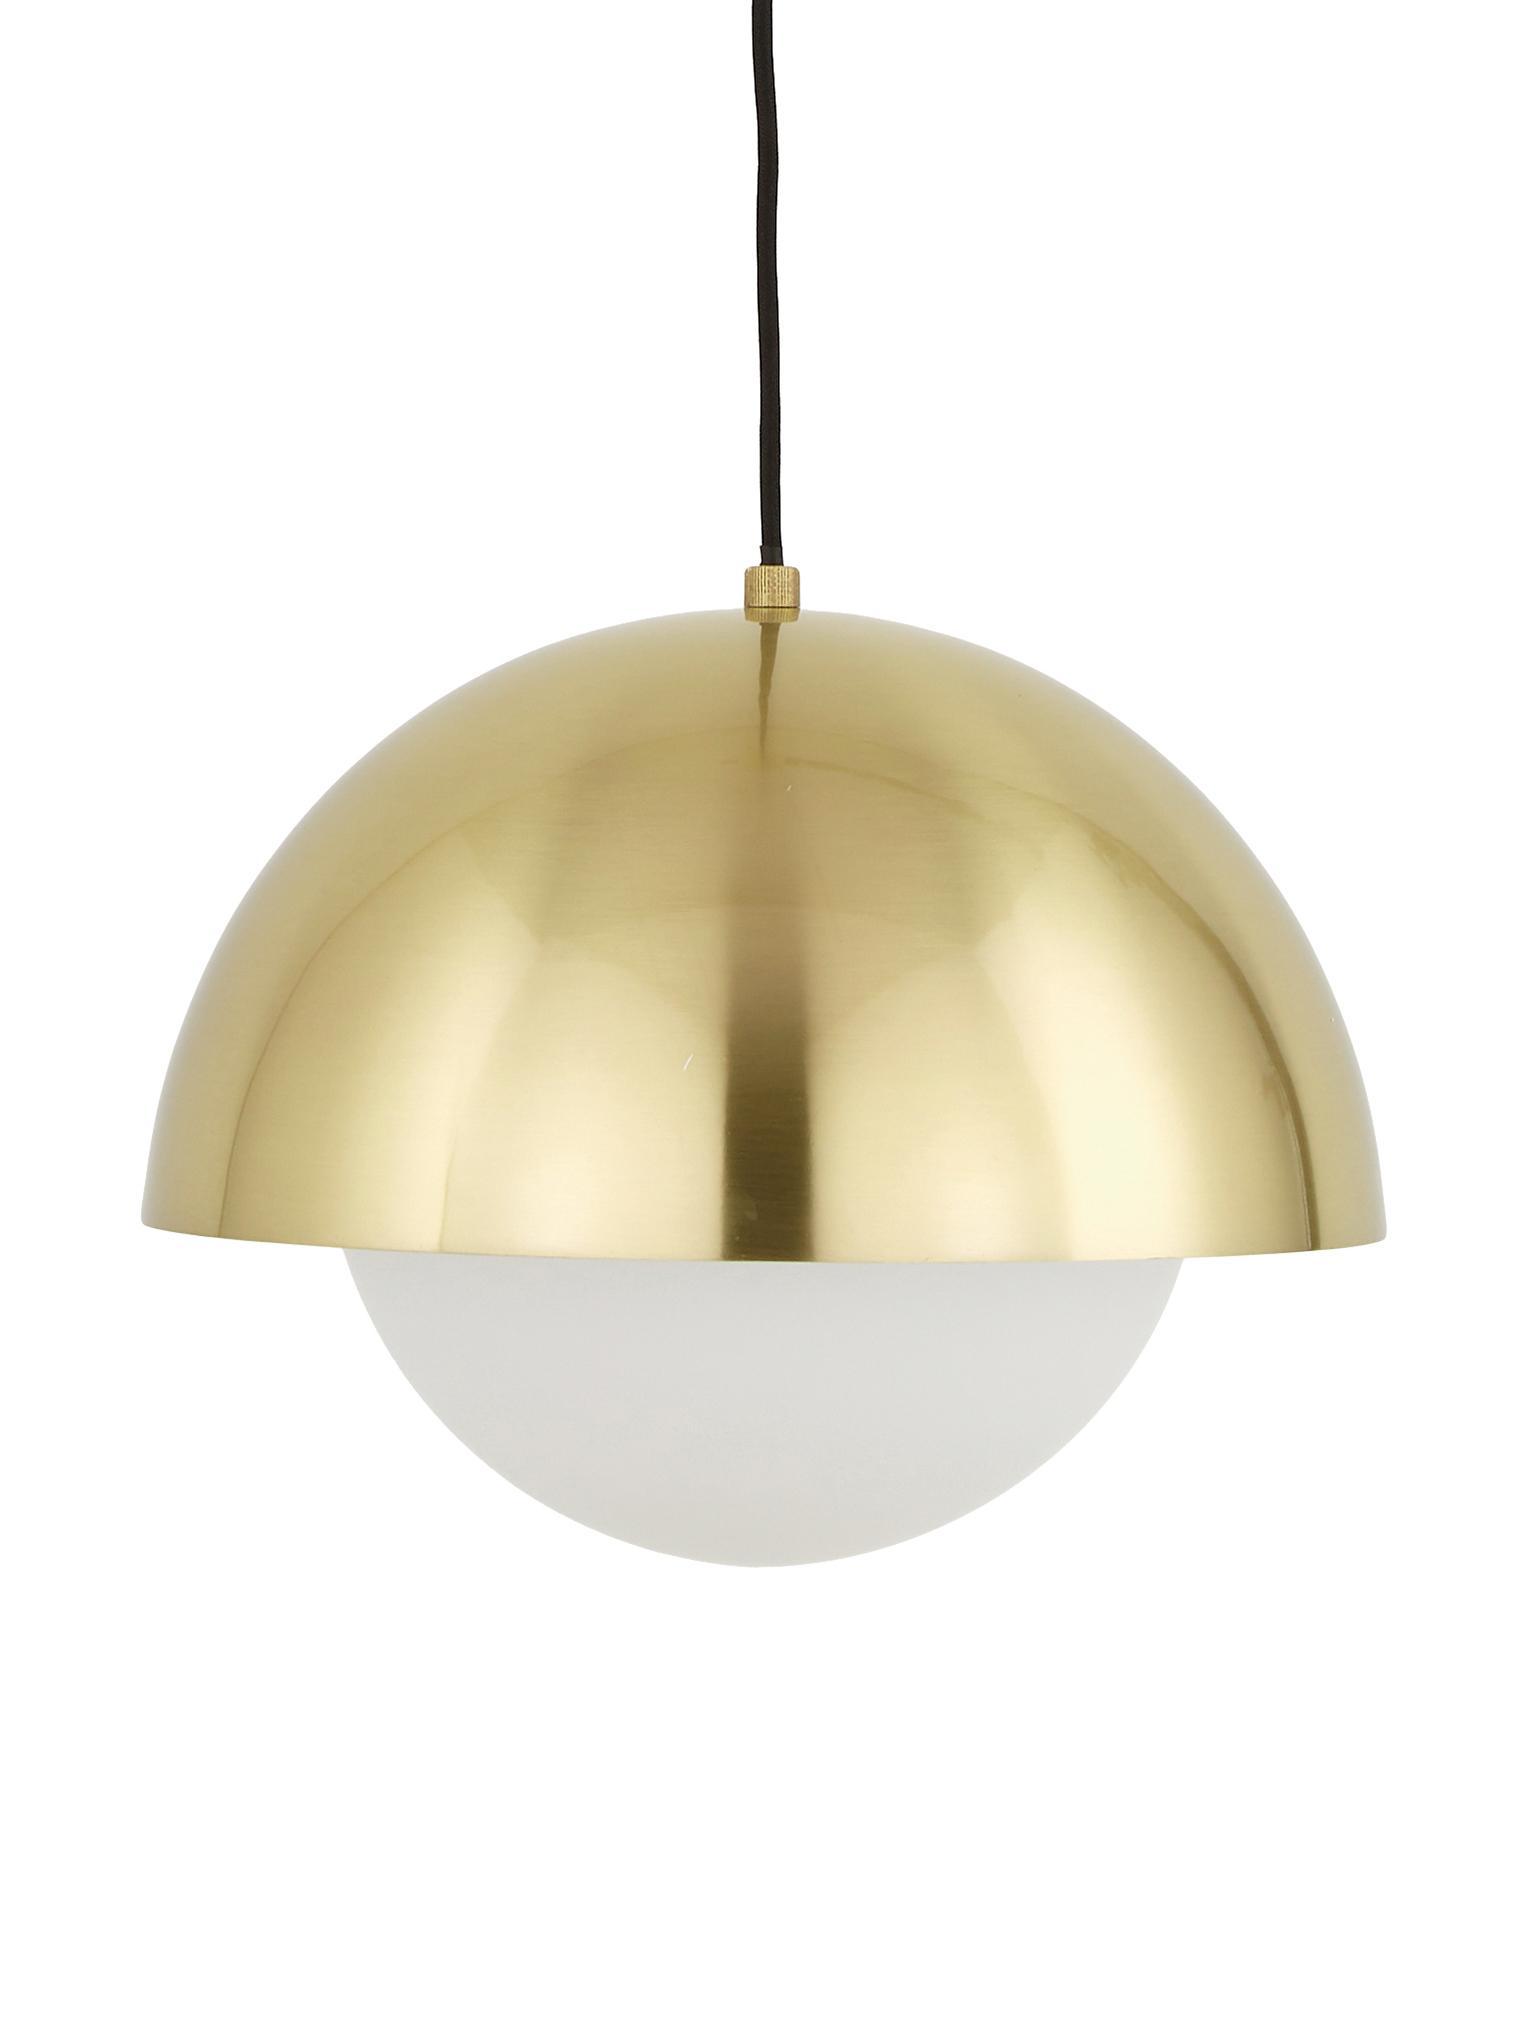 Pendelleuchte Lucille, Baldachin: Metall, gebürstet, Lampenschirm: Glas, Messing, Weiß, Ø 35 x H 30 cm